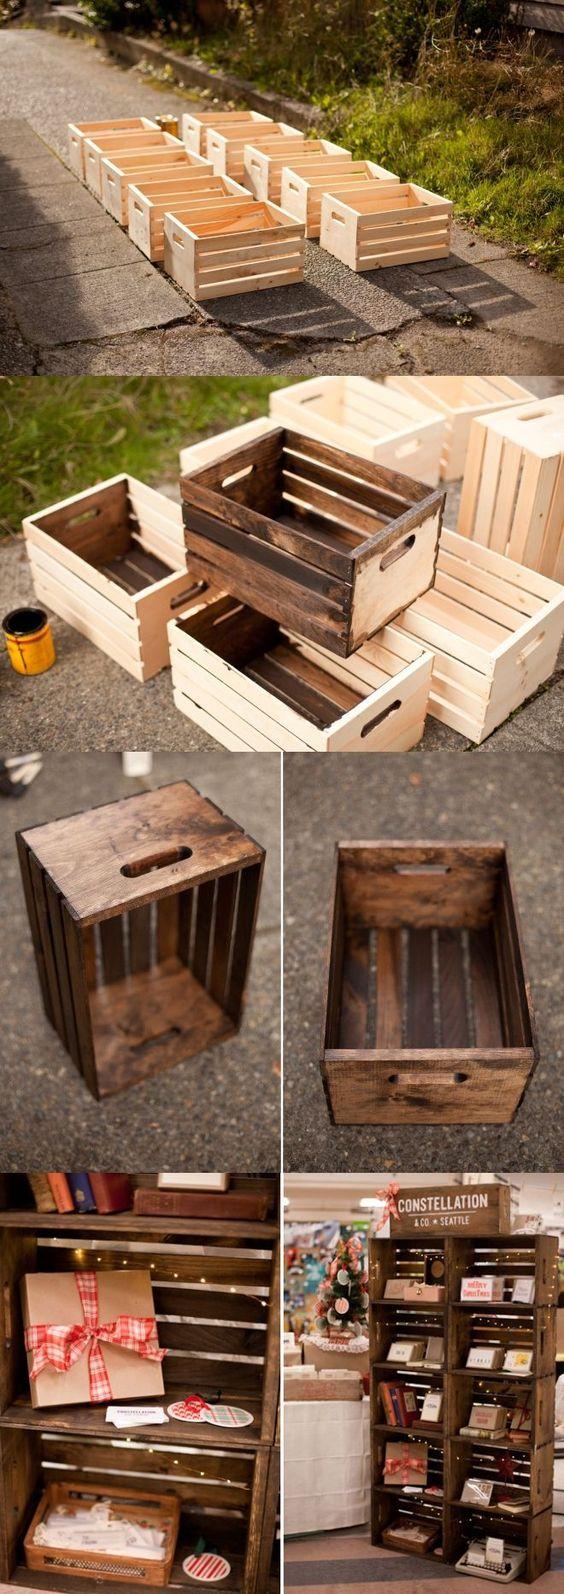 Estanteria hecha con cajas de fruta cajones de fruta - Estanterias con cajas de fruta ...